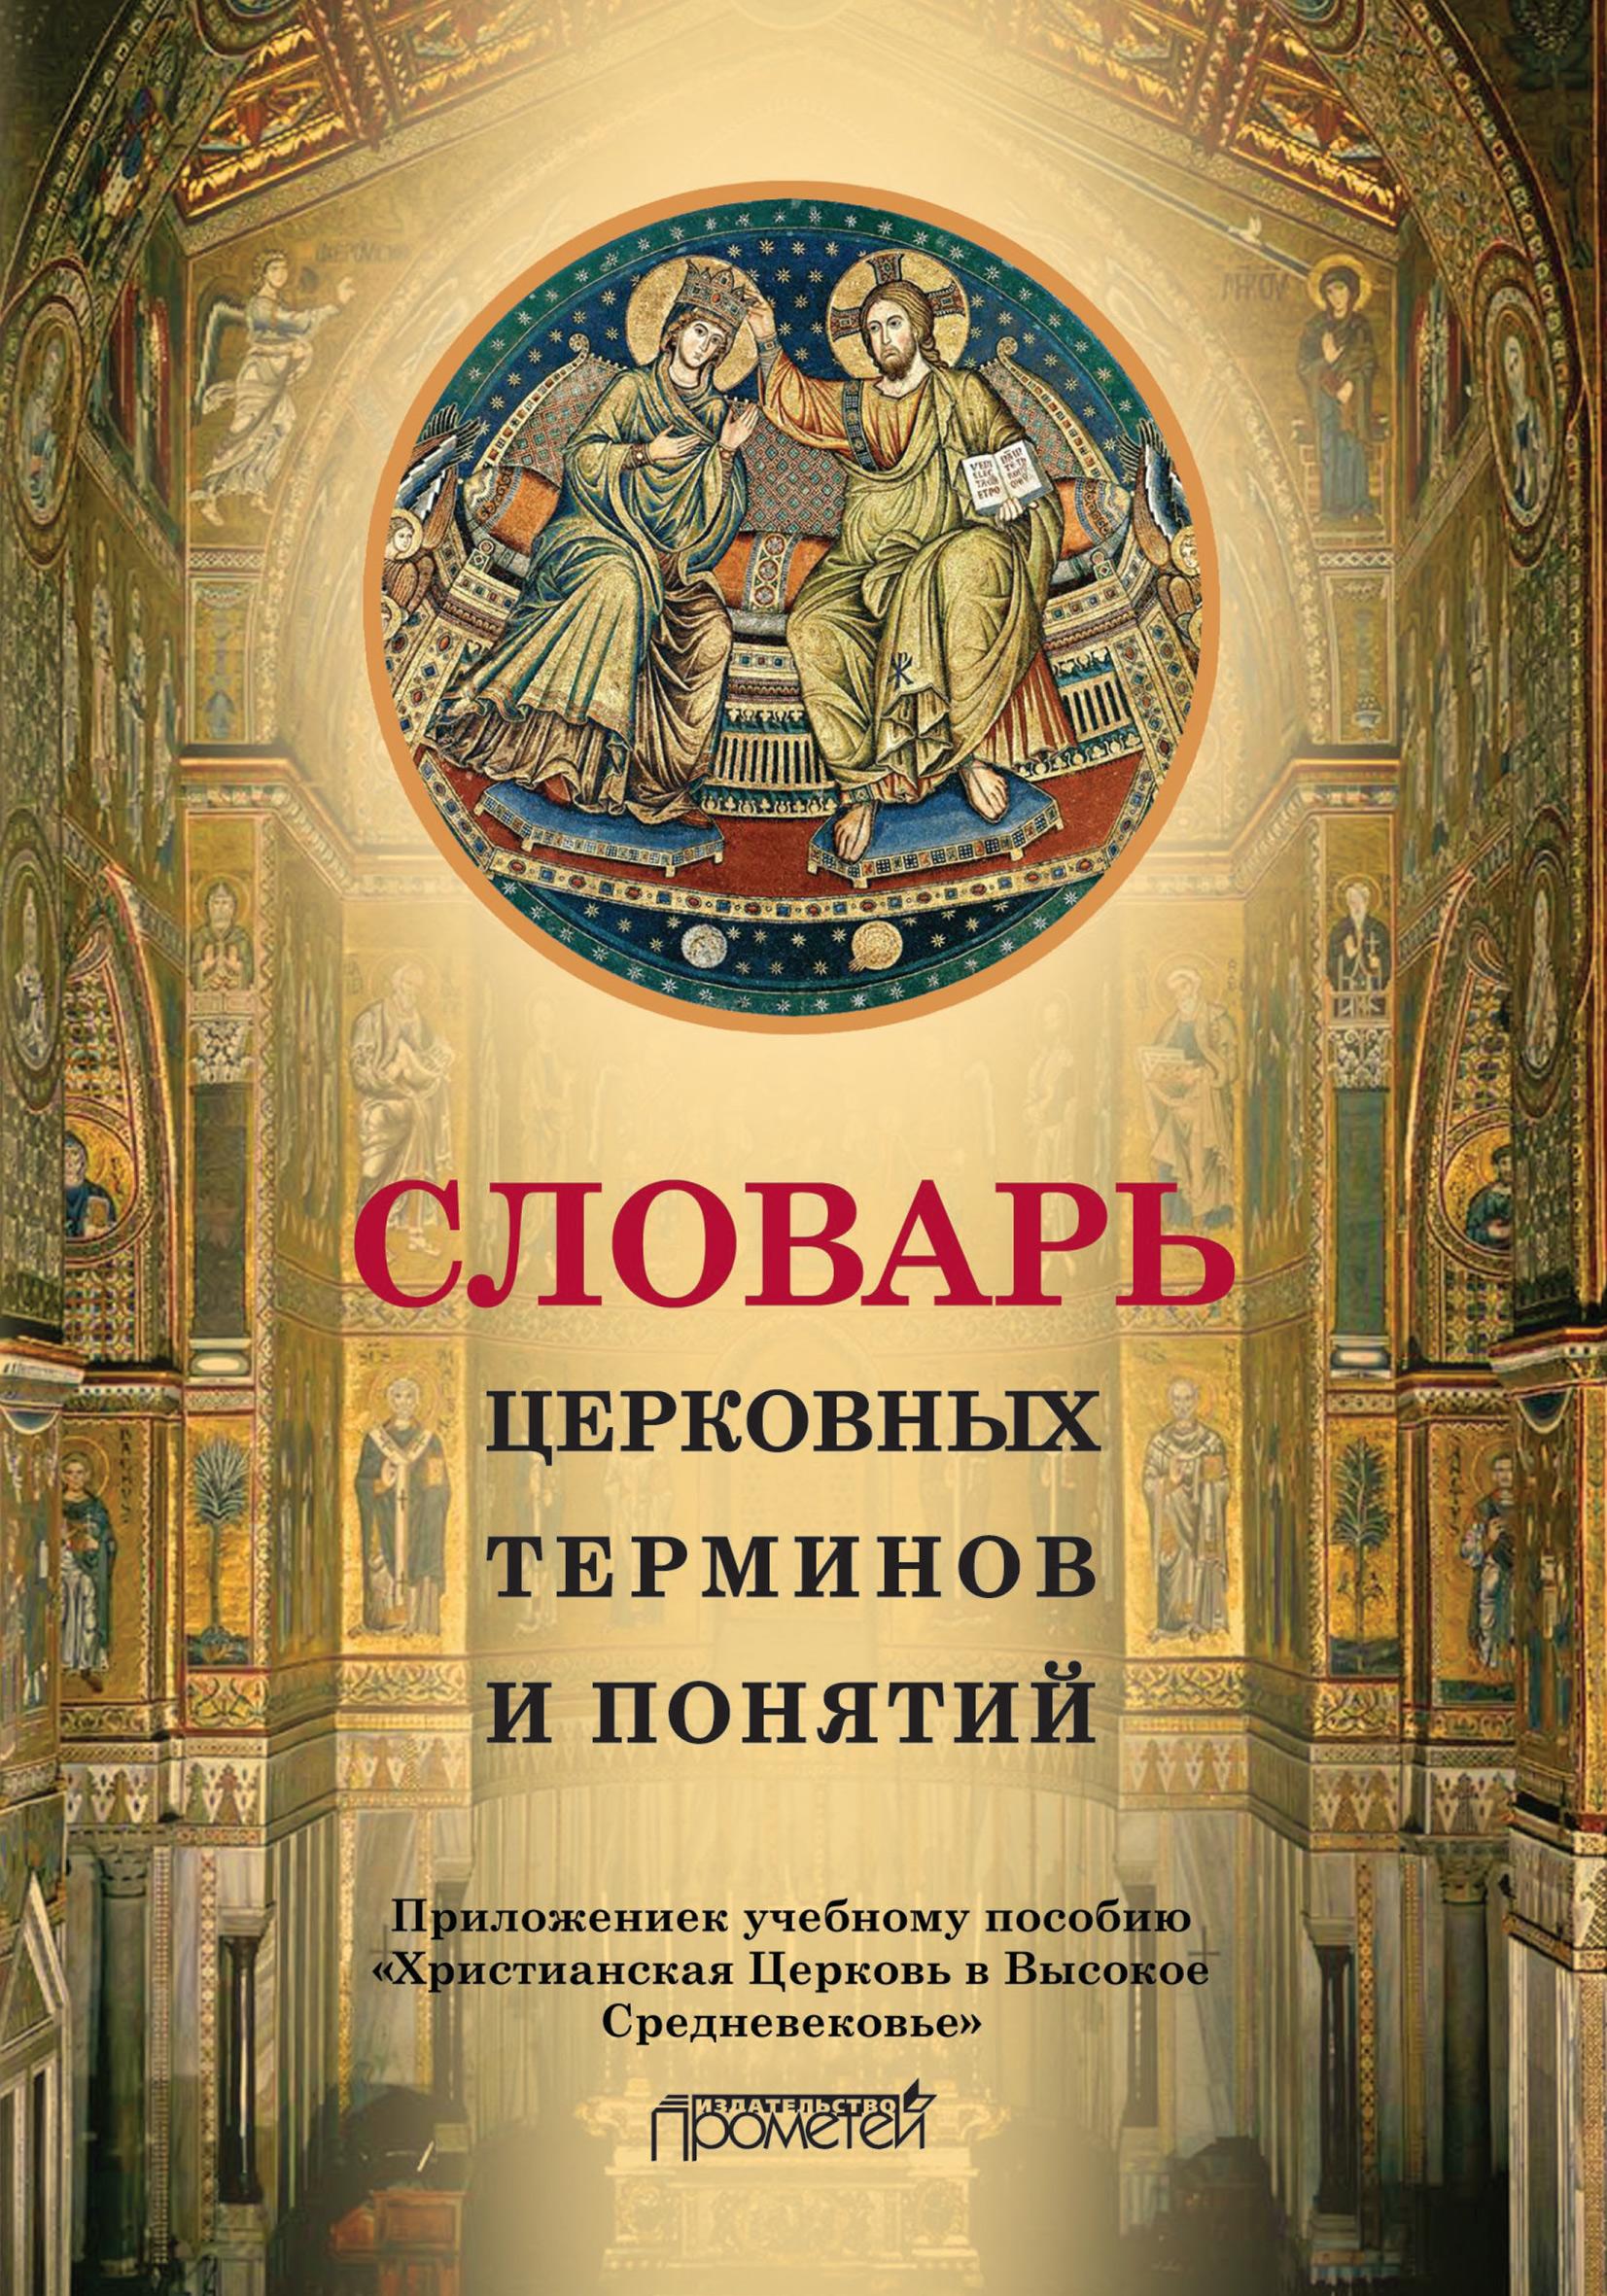 Отсутствует Словарь церковных терминов и понятий. Приложение к учебному пособию «Христианская Церковь в Высокое Средневековье» цена